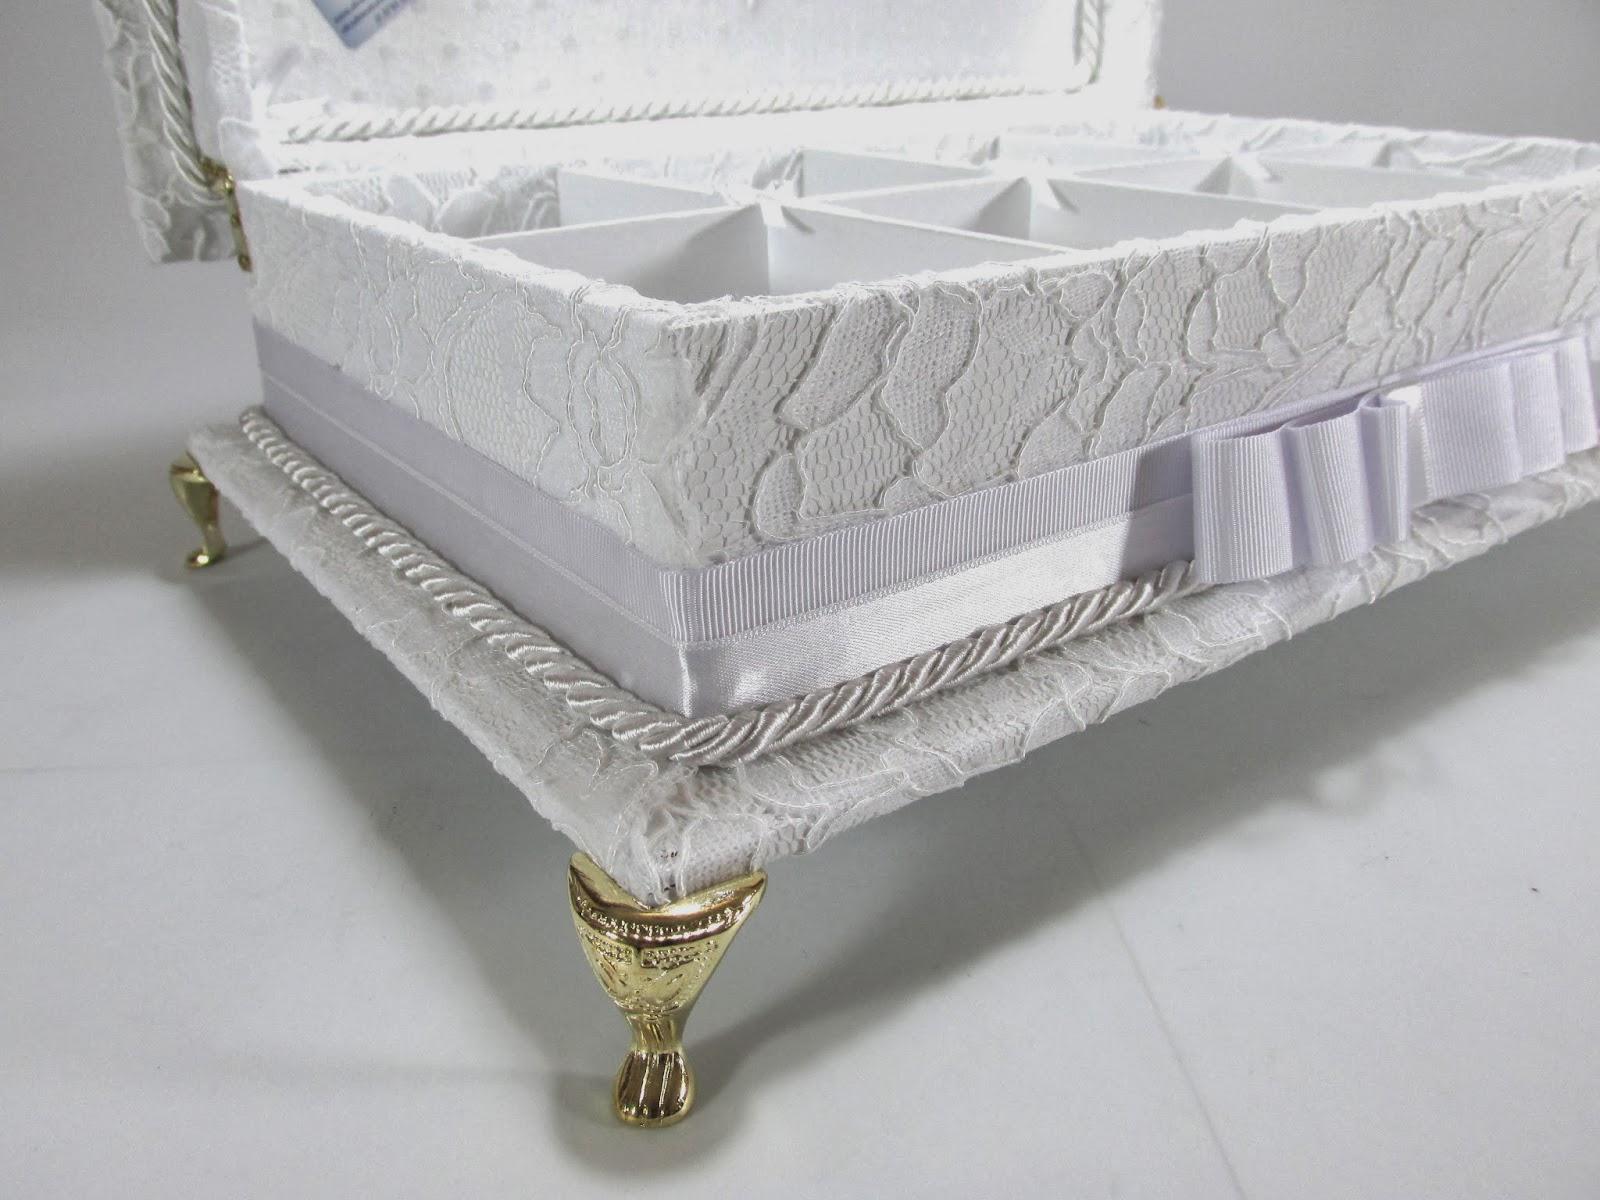 Divina Caixa Caixa Kit Toalete em RENDA, bordada e com pés de me -> Kit Banheiro Acrilico Decorado